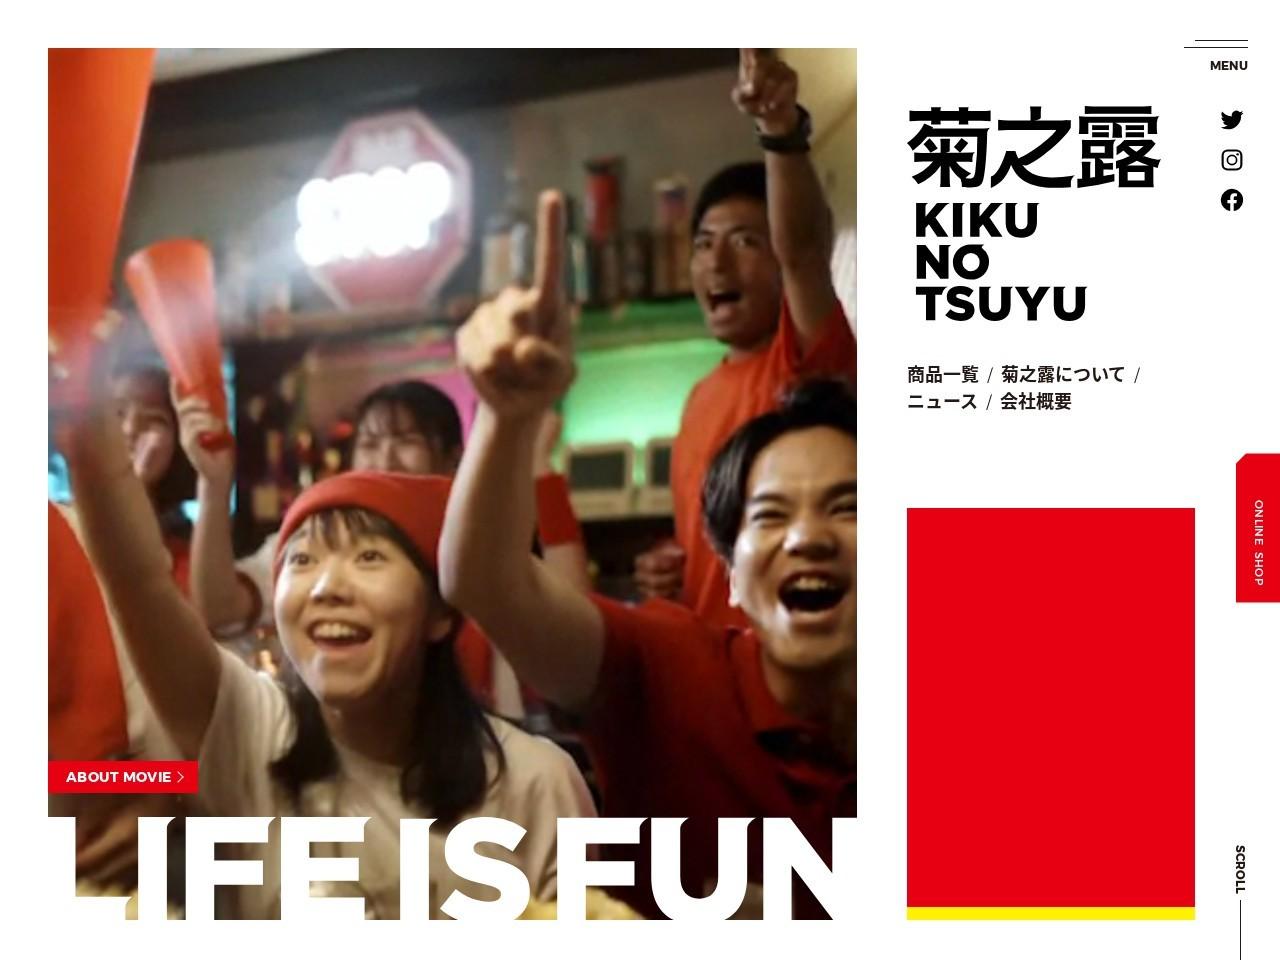 琉球泡盛 菊之露酒造